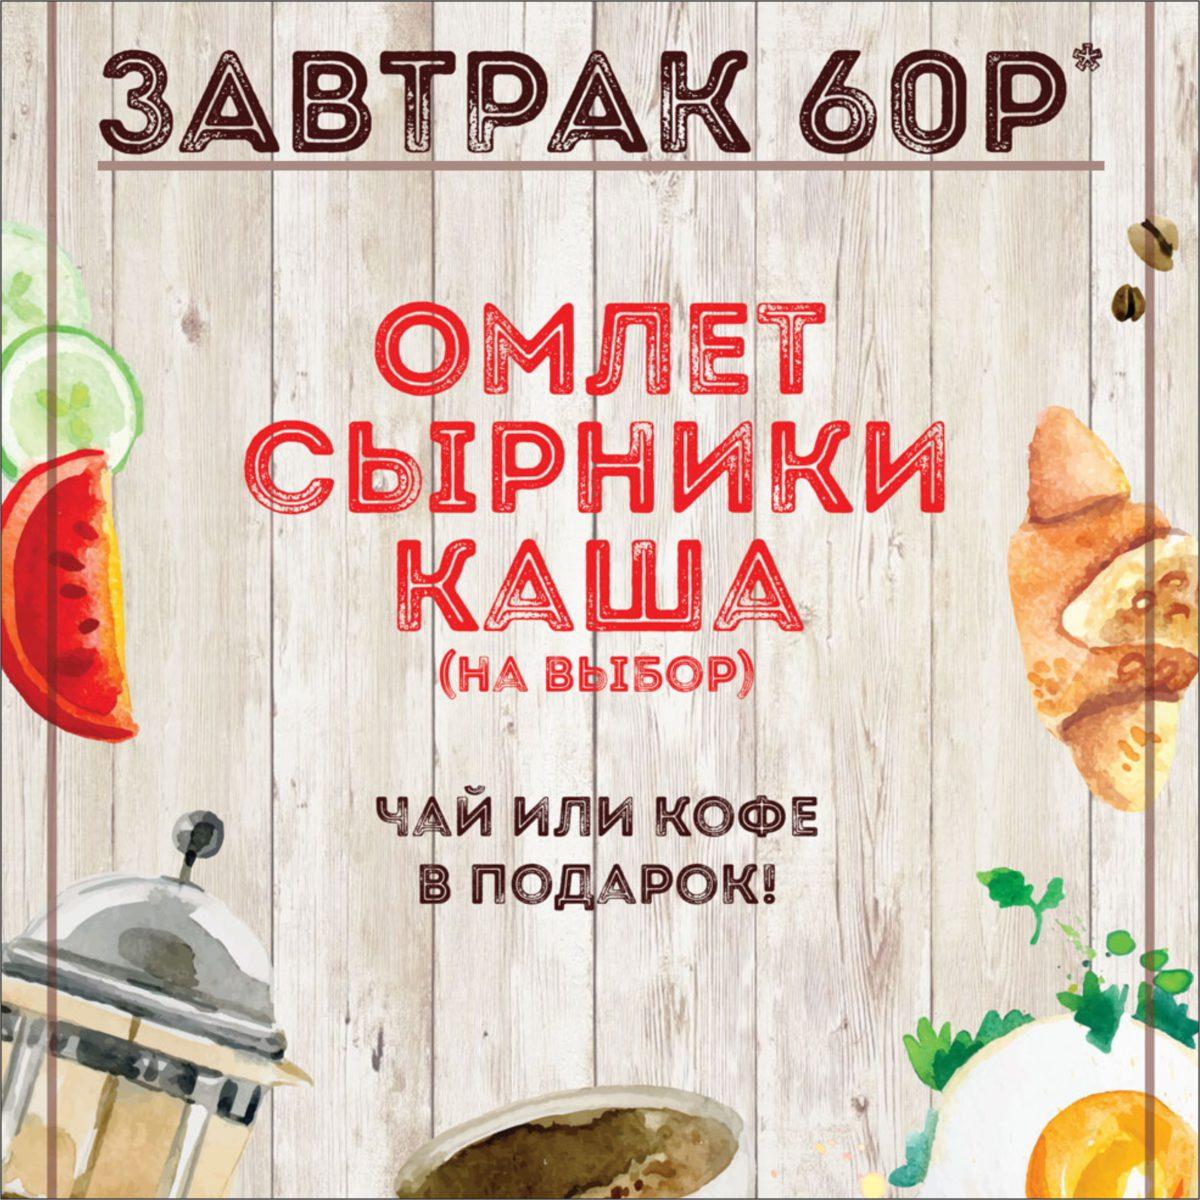 Комплексный завтрак с 10:00 до 12:00